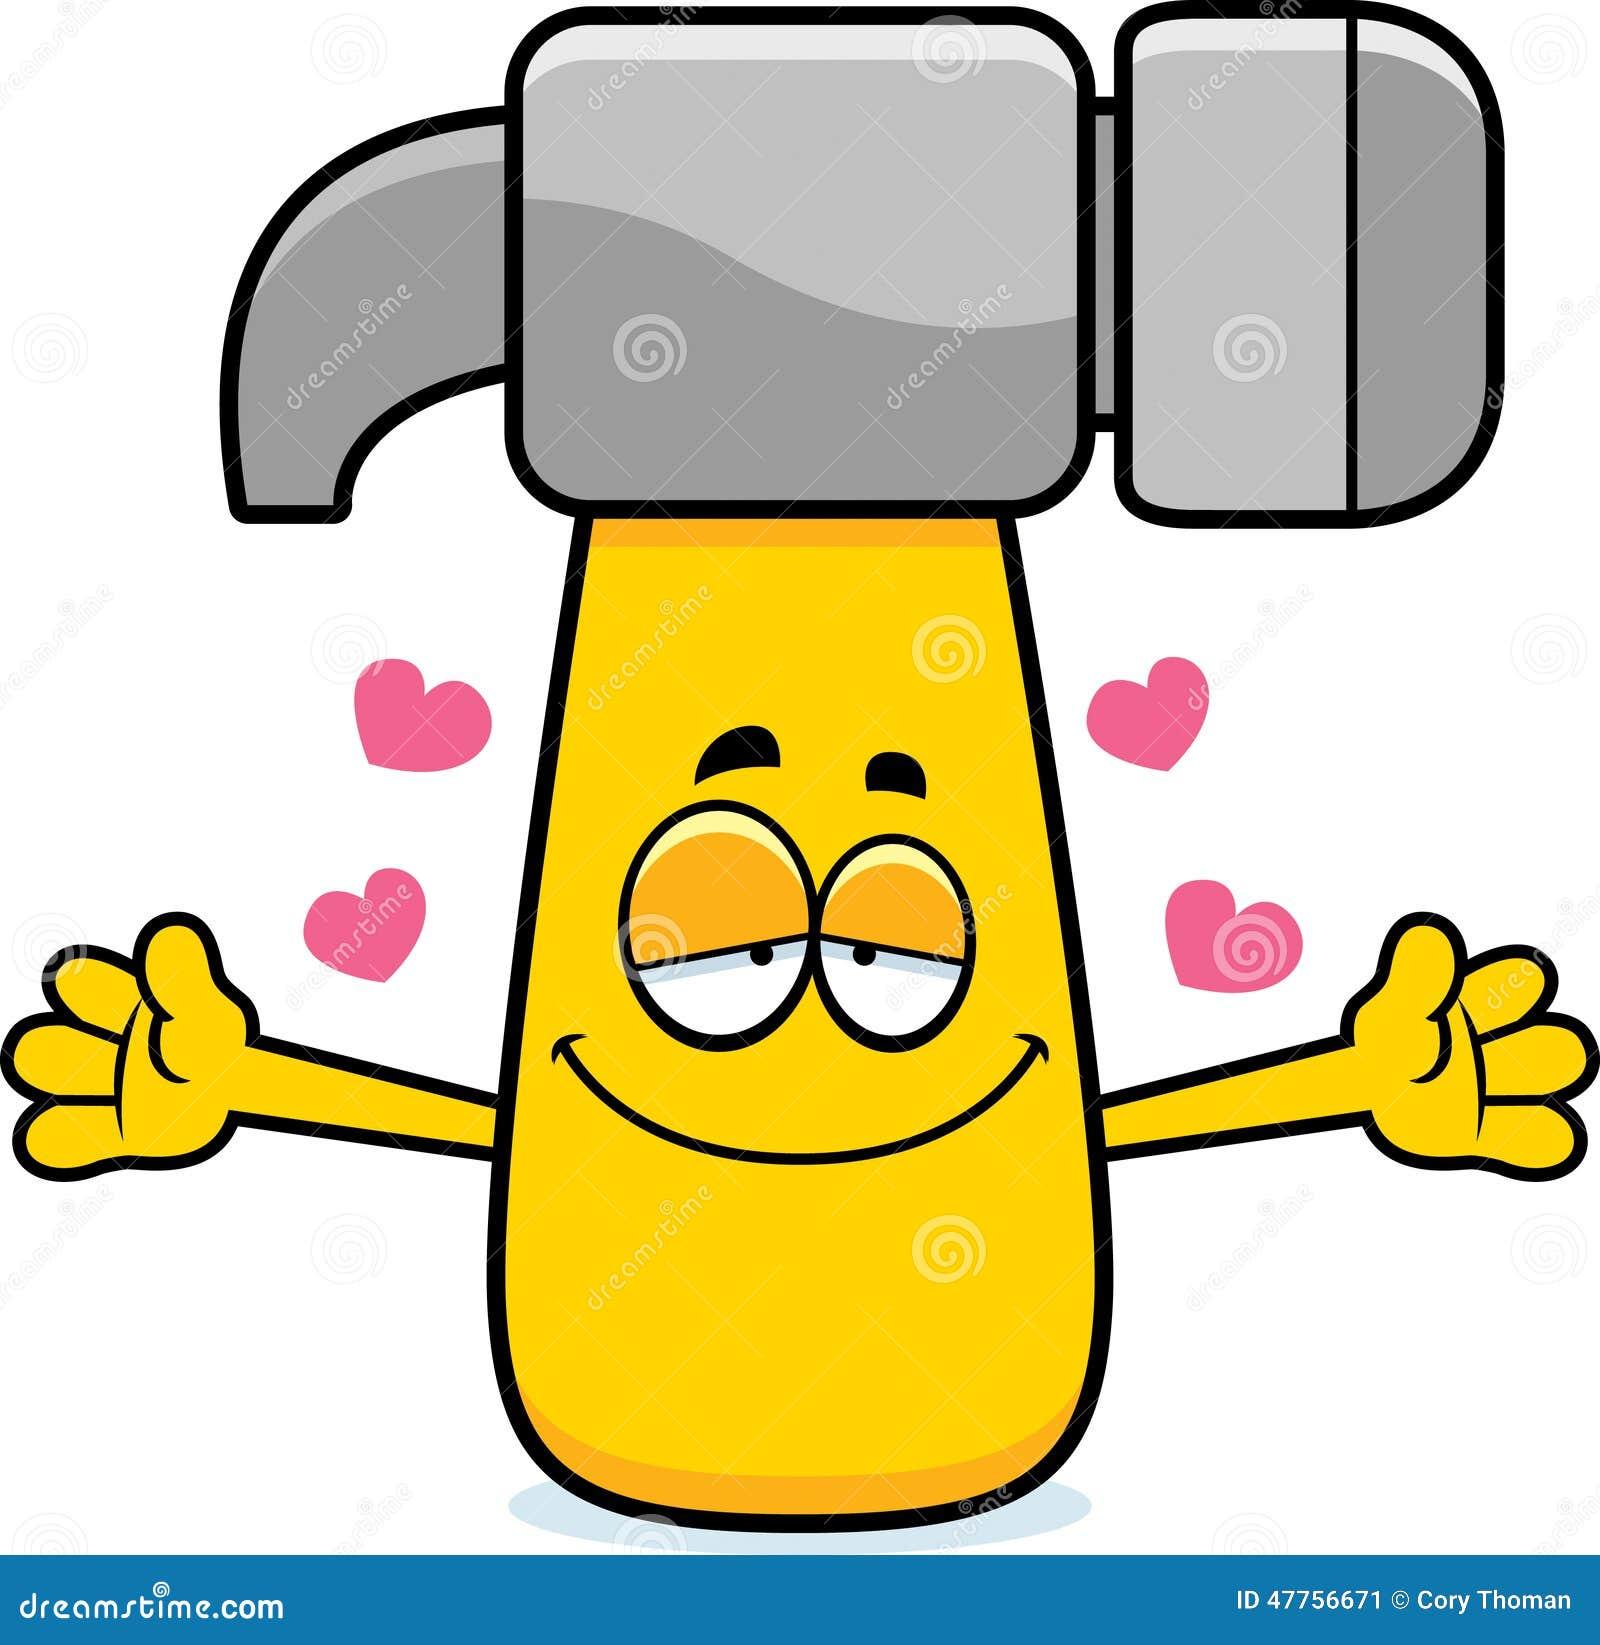 Vector Illustration Hammer: Cartoon Hammer Hug Stock Vector. Illustration Of Hugging